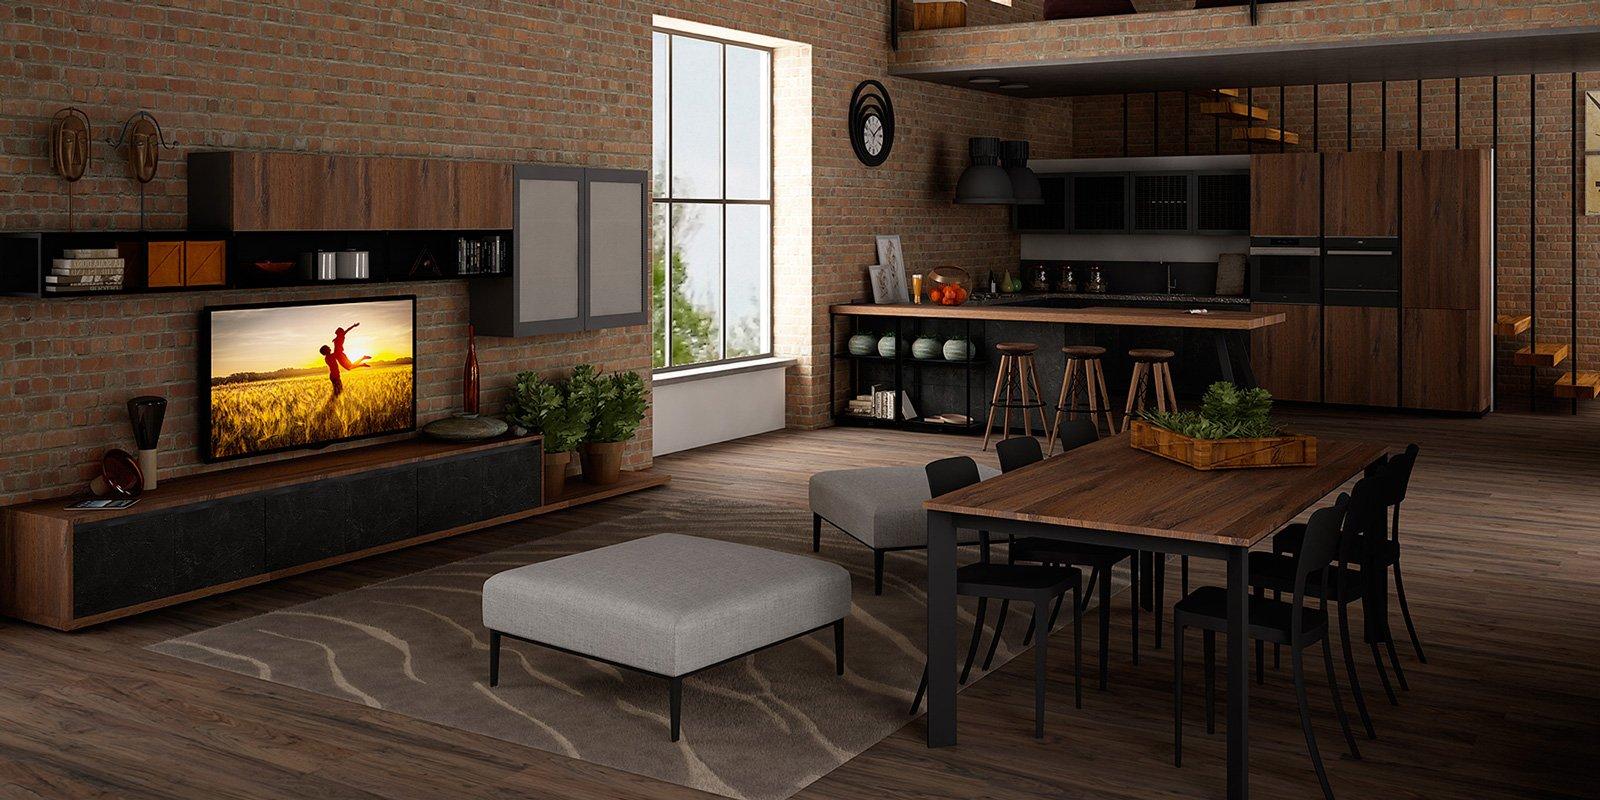 Cucine in stile industriale materiche e vissute cose di for Immagini mobili